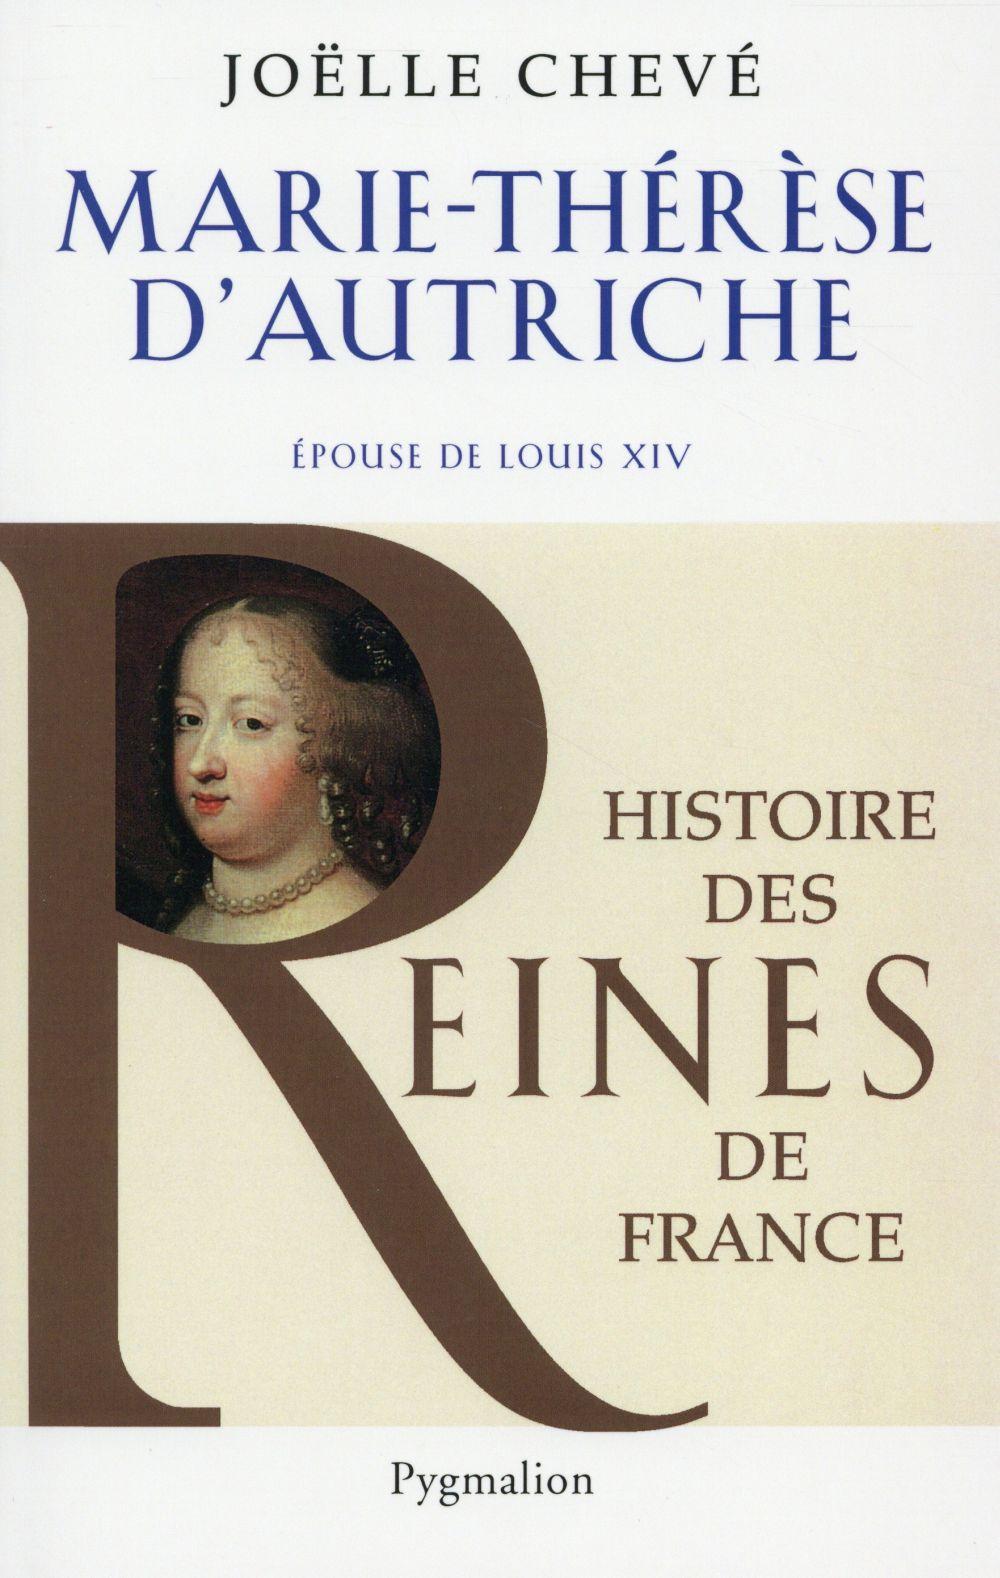 Marie-Thérèse d'Autriche, épouse de Louis XIV